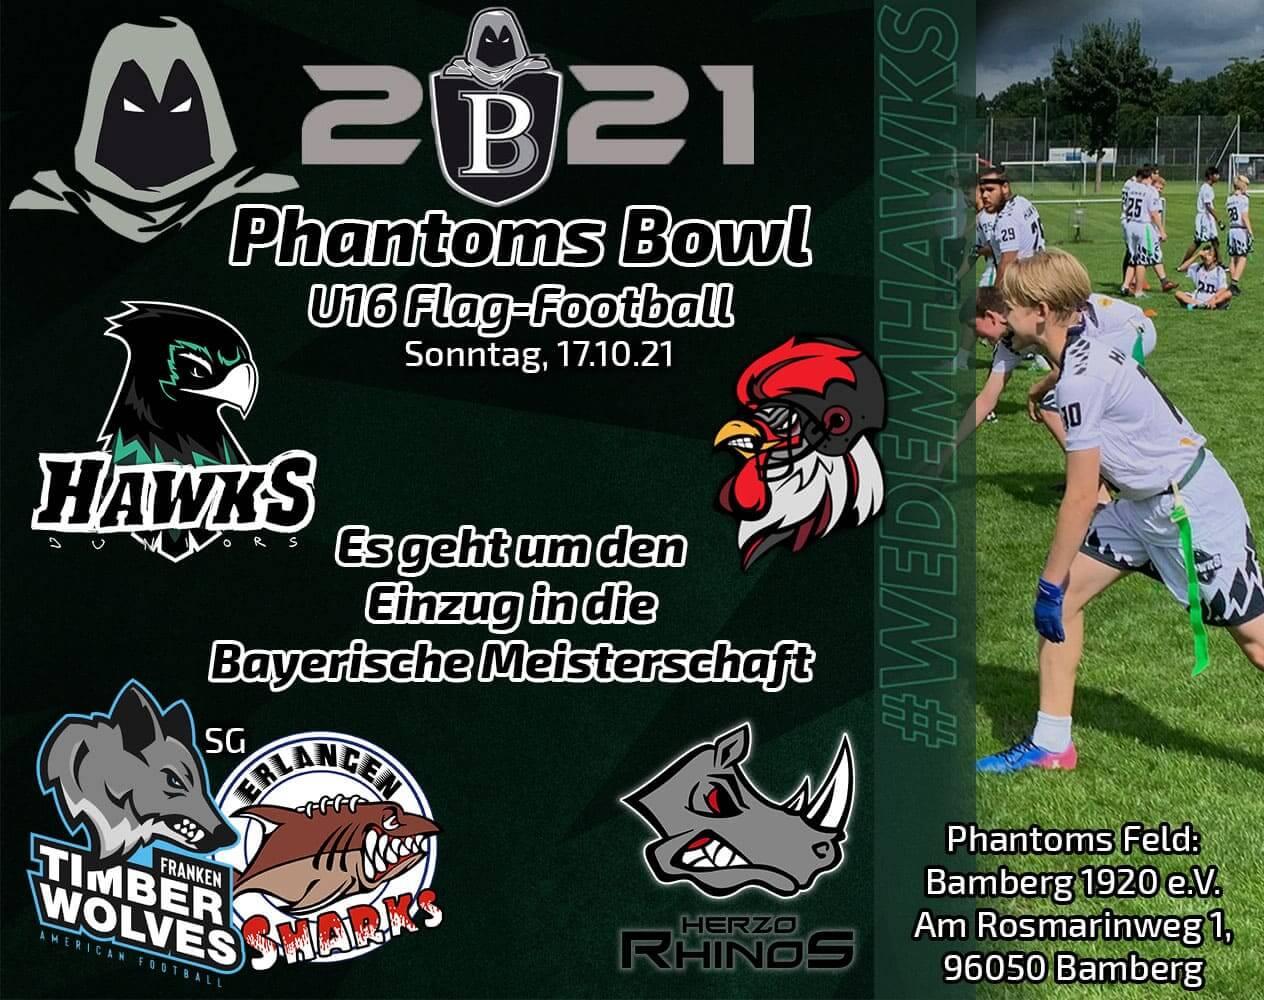 Hawks Juniors at Phantomsbowl